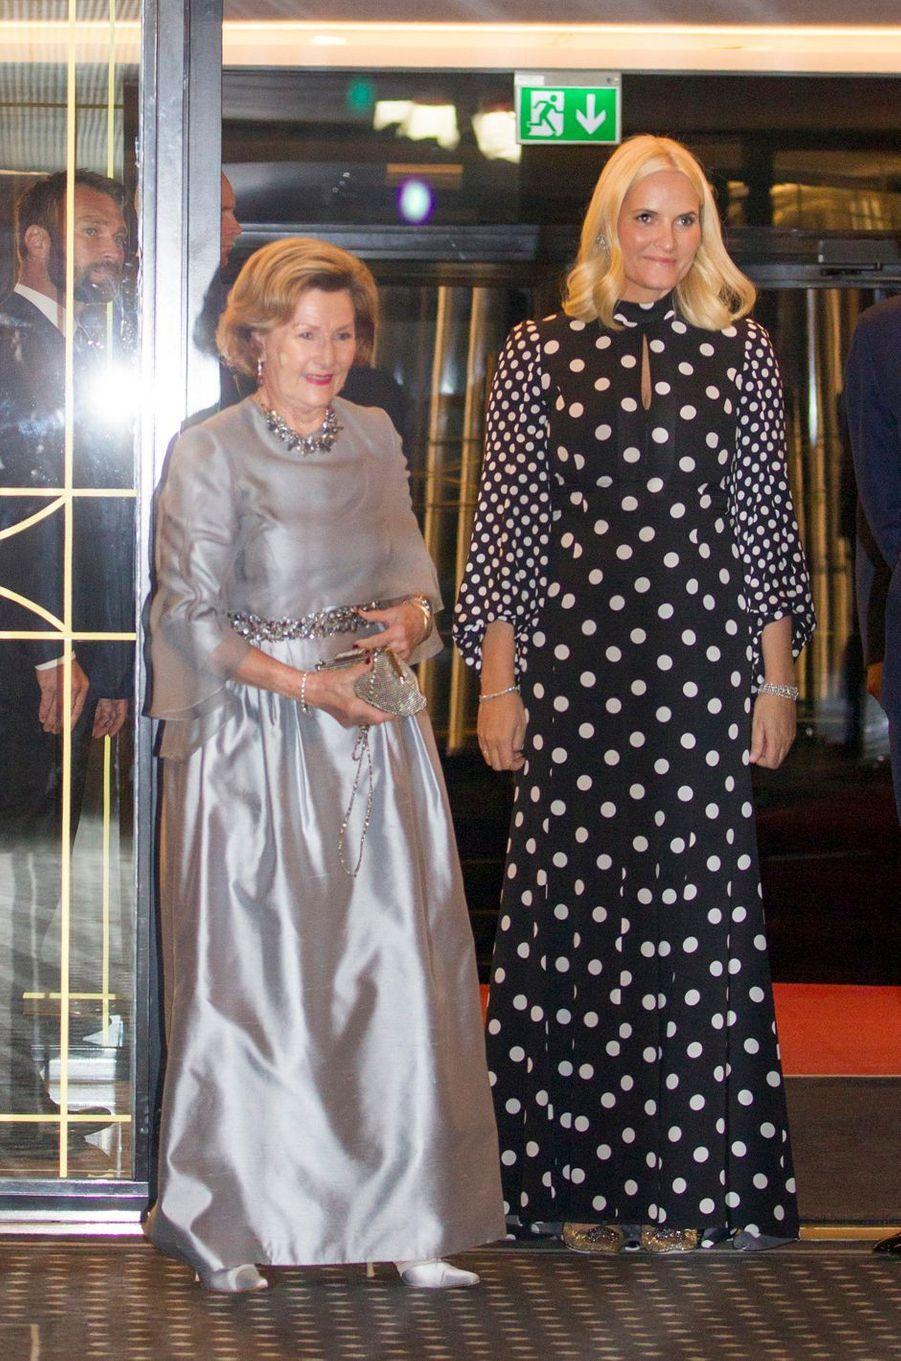 La reine Sonja et la princesse Mette-Marit de Norvège à Oslo, le 10 décembre 2018